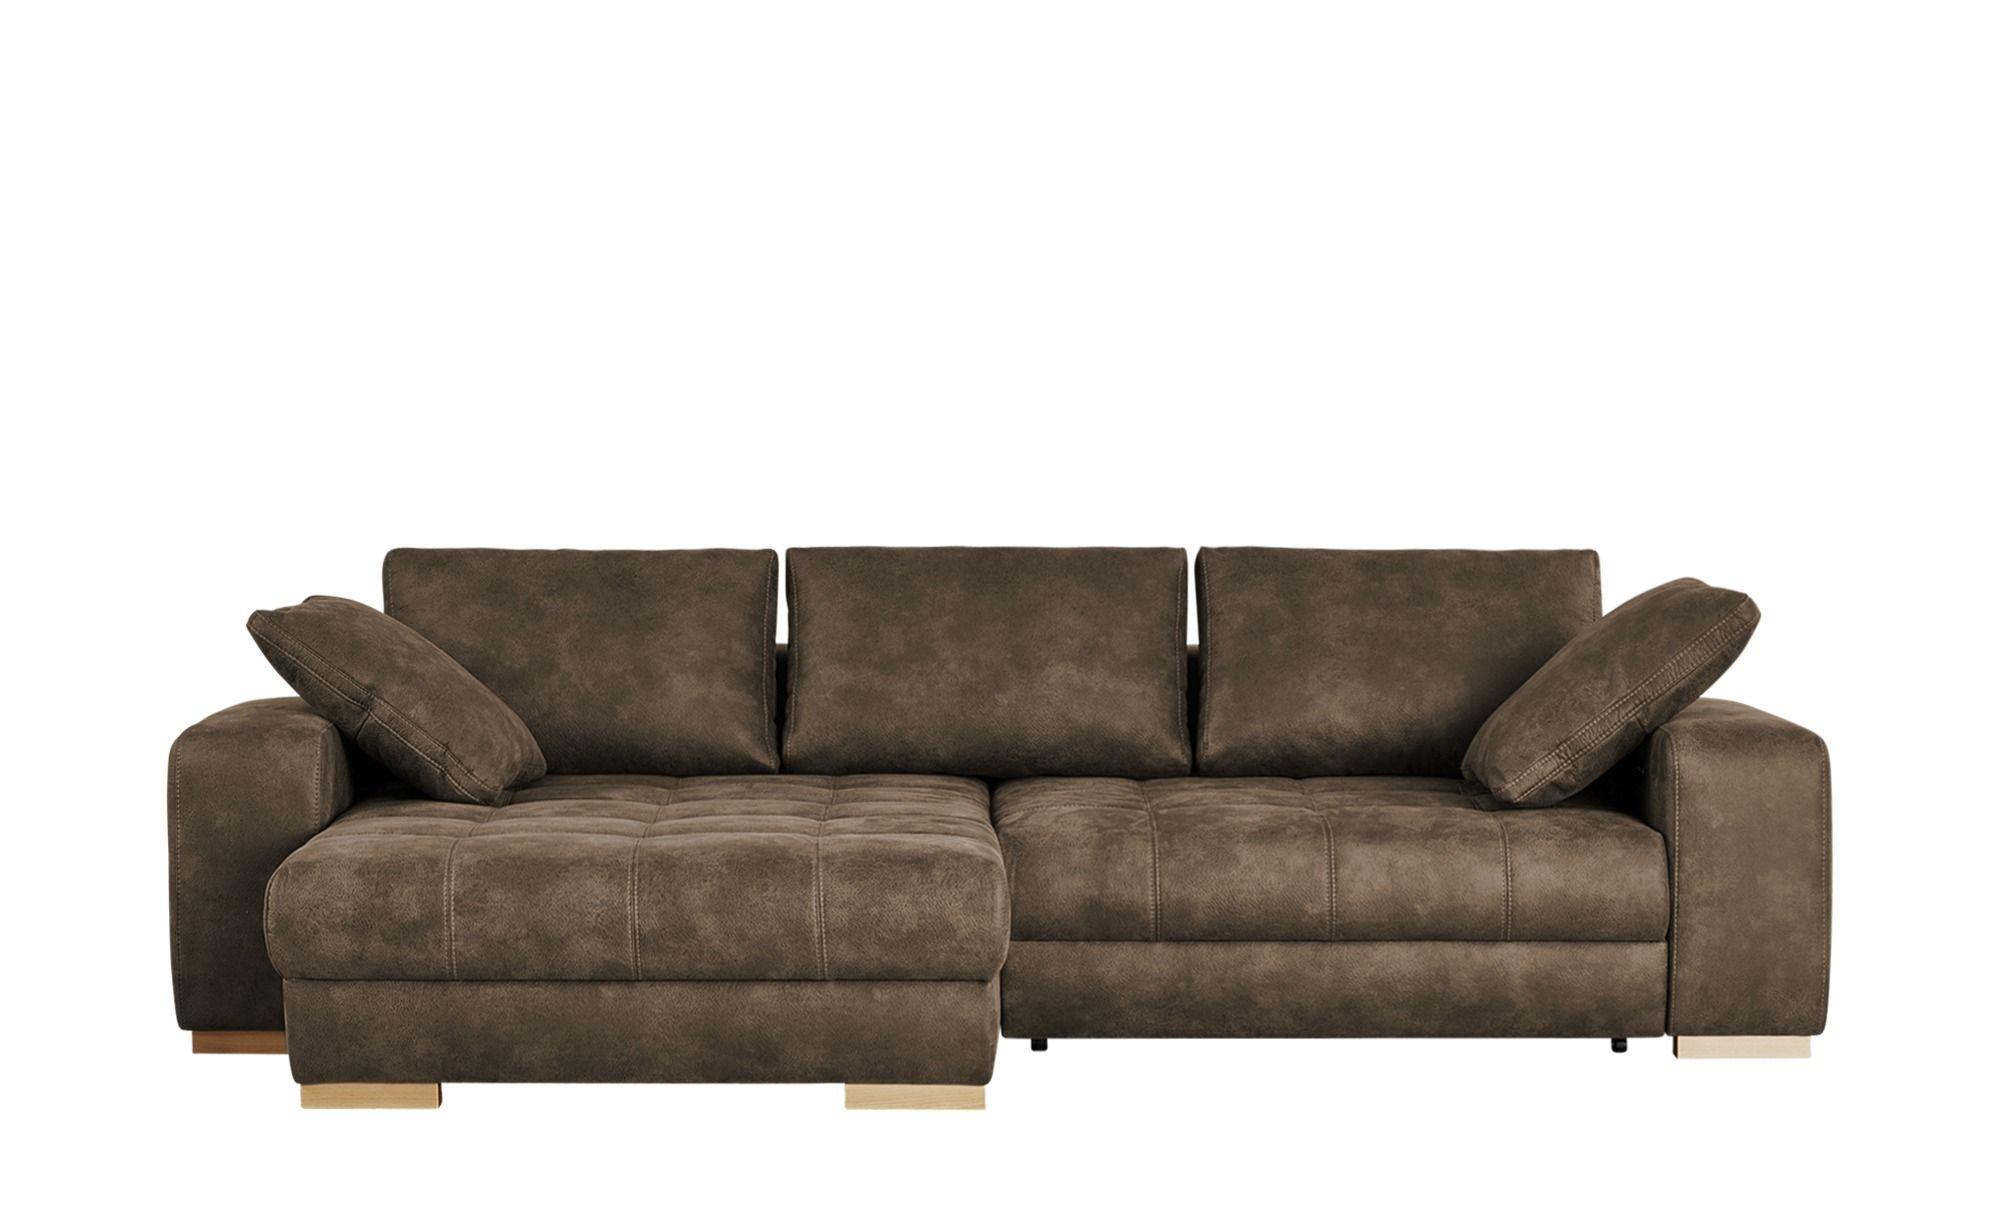 Pin Von Ladendirekt Auf Sofas Amp Couches Sofa Sofa